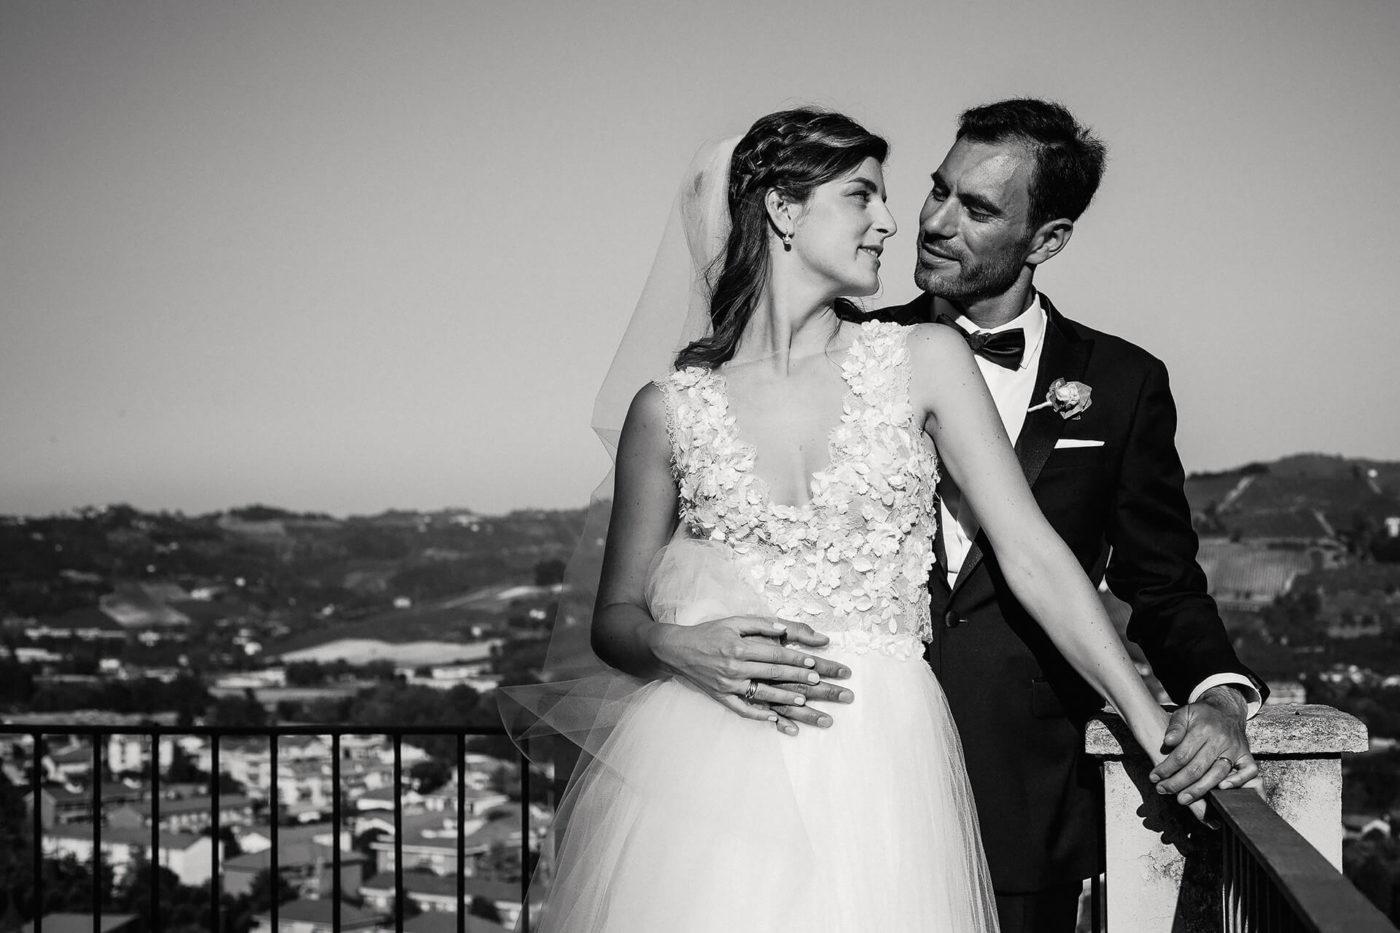 Coppia di sposi, servizio fotografico di matrimonio, sulla terrazza con vista panoramica di Canelli in Piemonte di Francesco Matturro